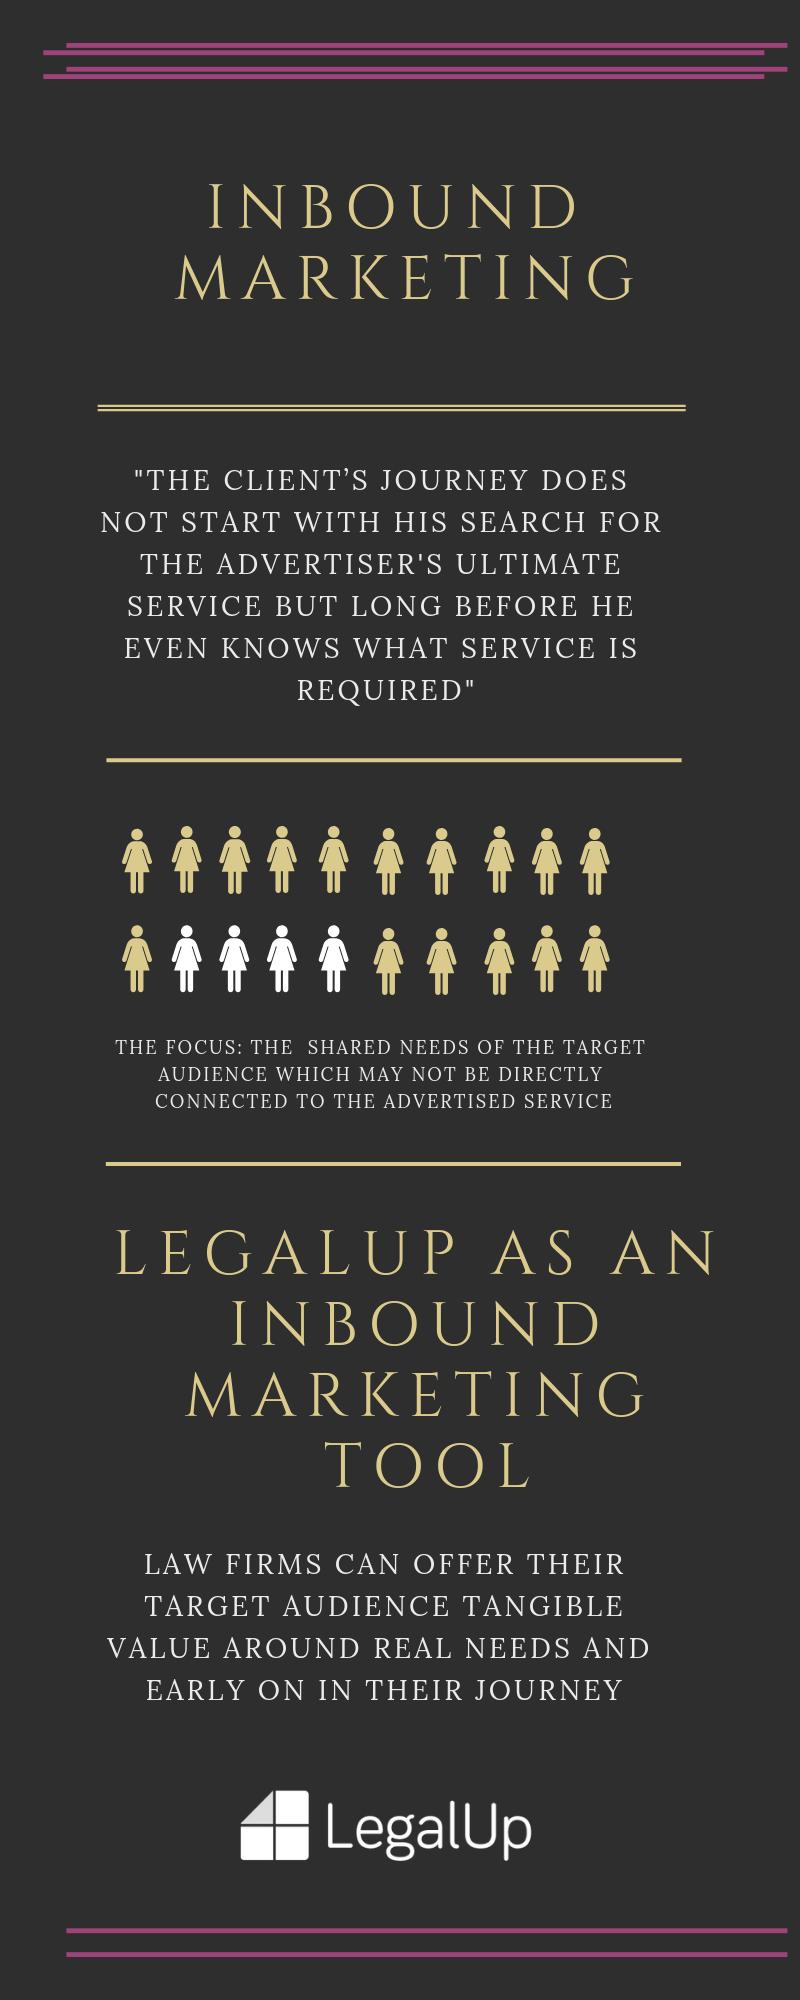 inbound-marketing law firms marketing